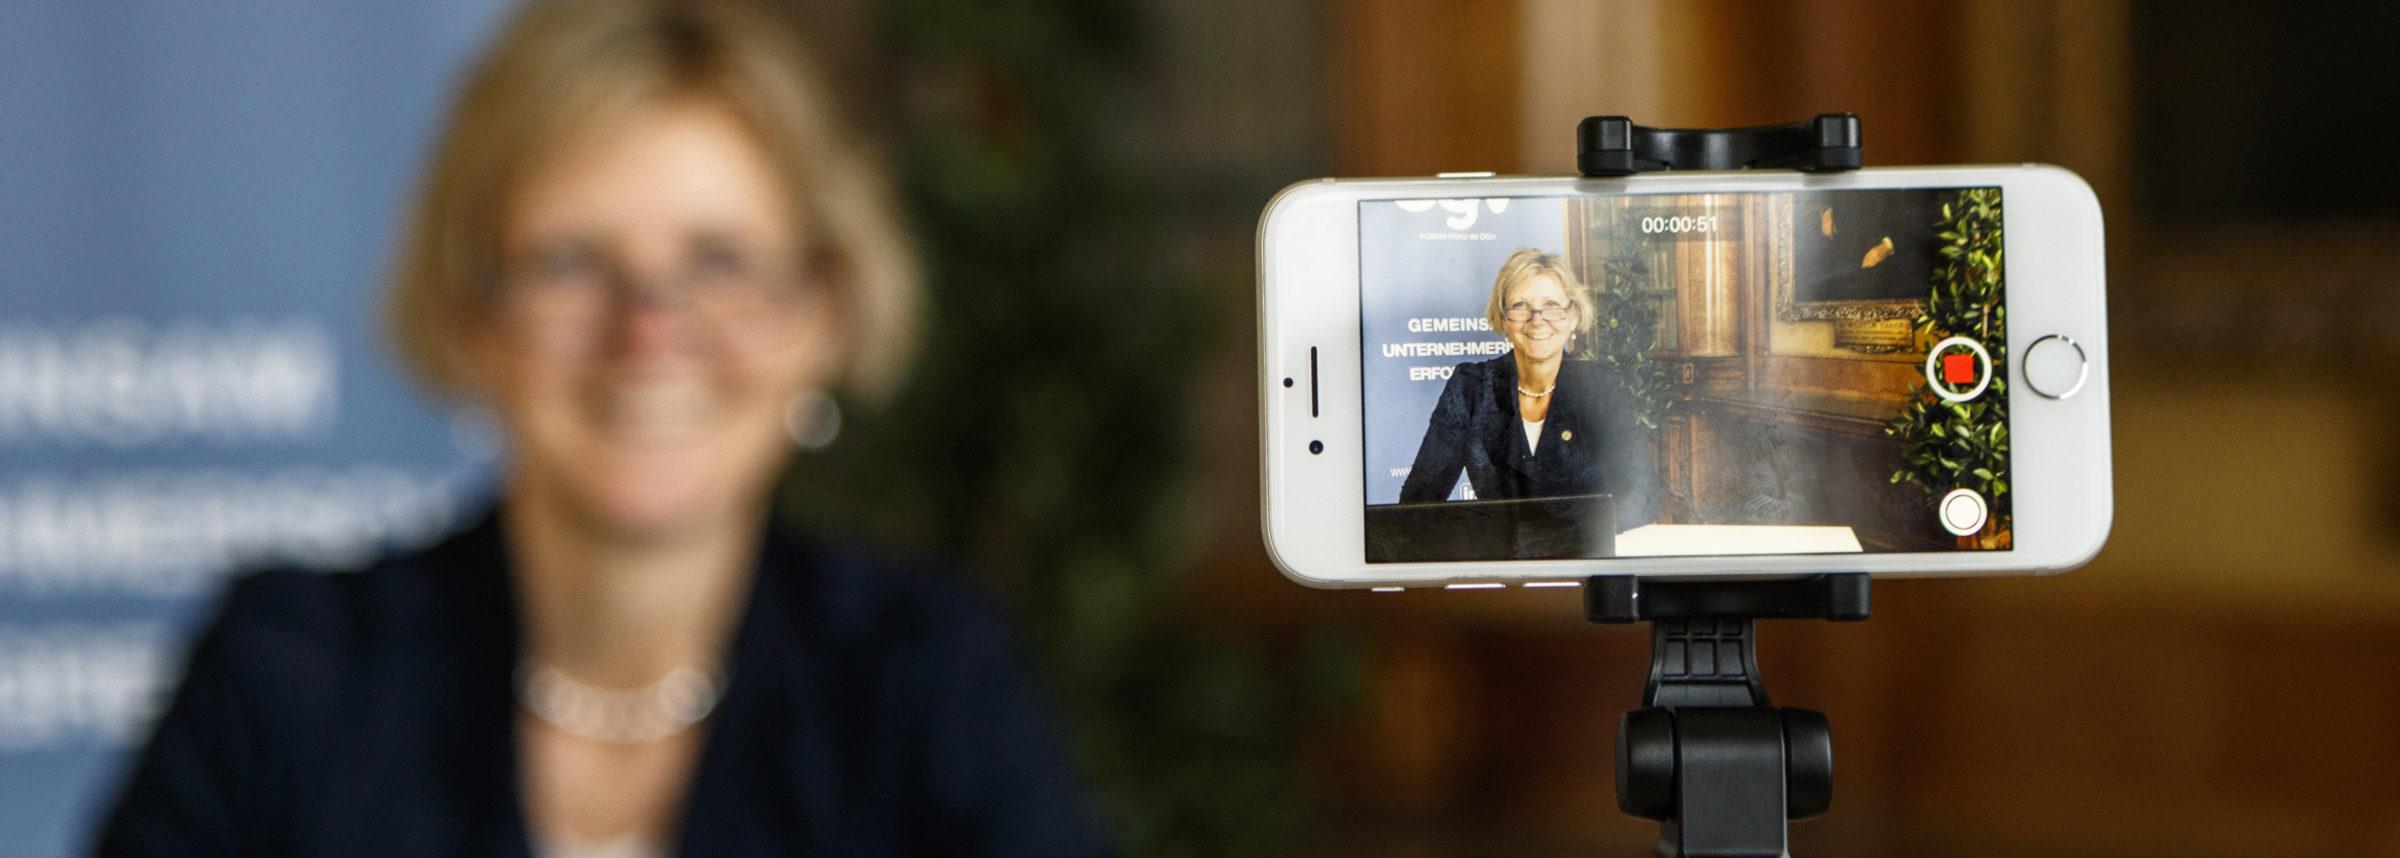 """ÖGV Nachrichten: Ankündigung für das virtuelle Panel """"Wie gestalten wir unsere nachhaltige Zukunft?"""""""